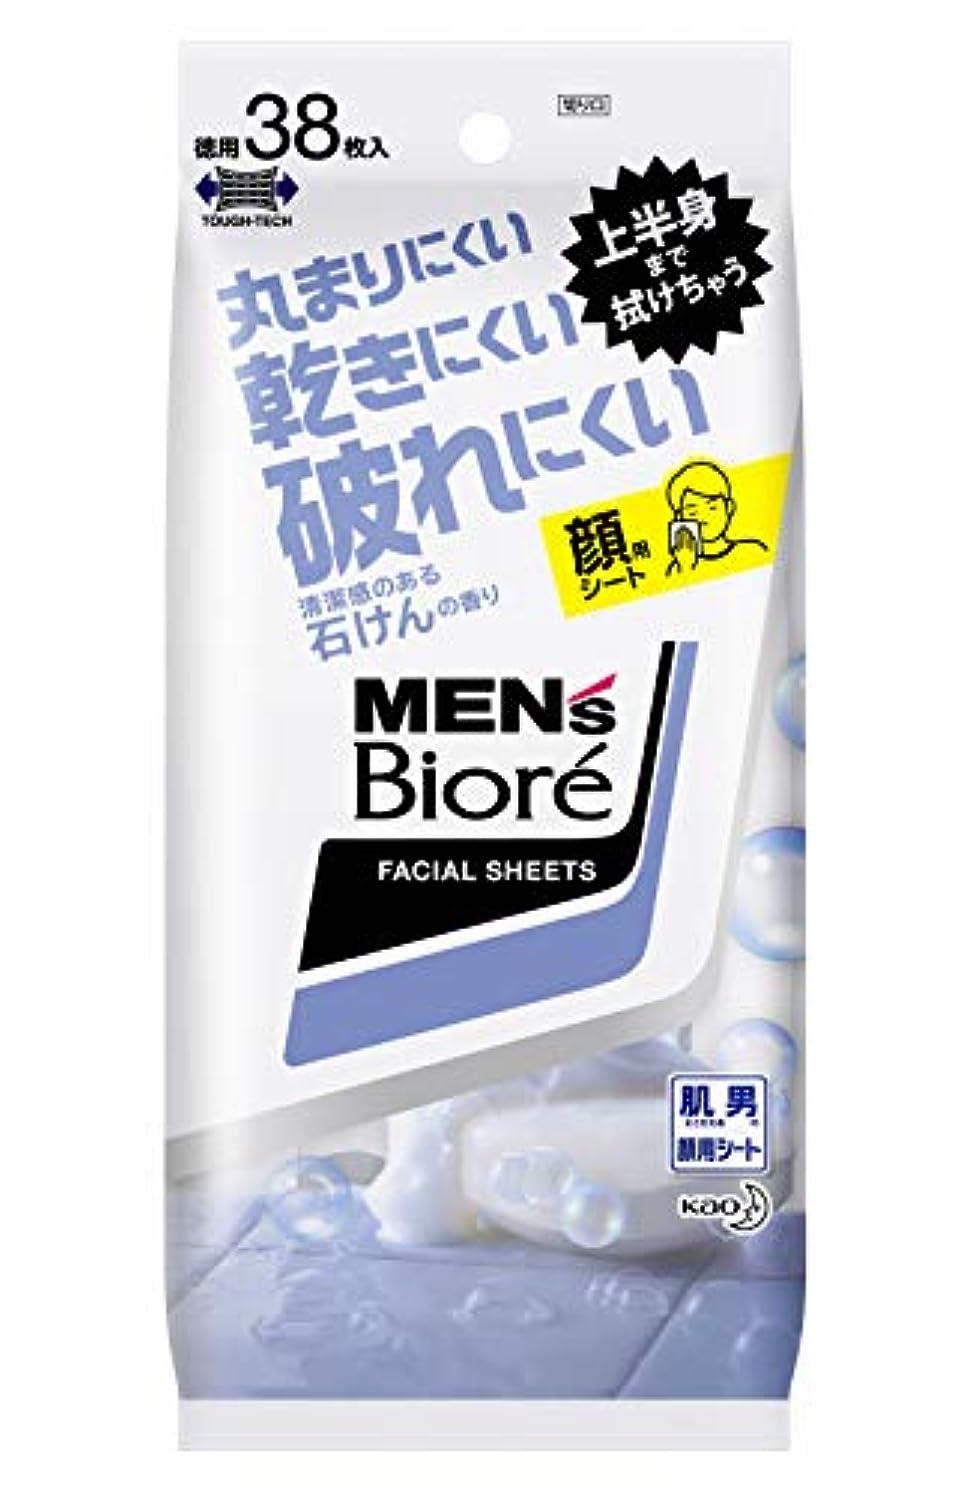 避難グレートバリアリーフガチョウメンズビオレ 洗顔シート 清潔感のある石けんの香り <卓上タイプ> 38枚入